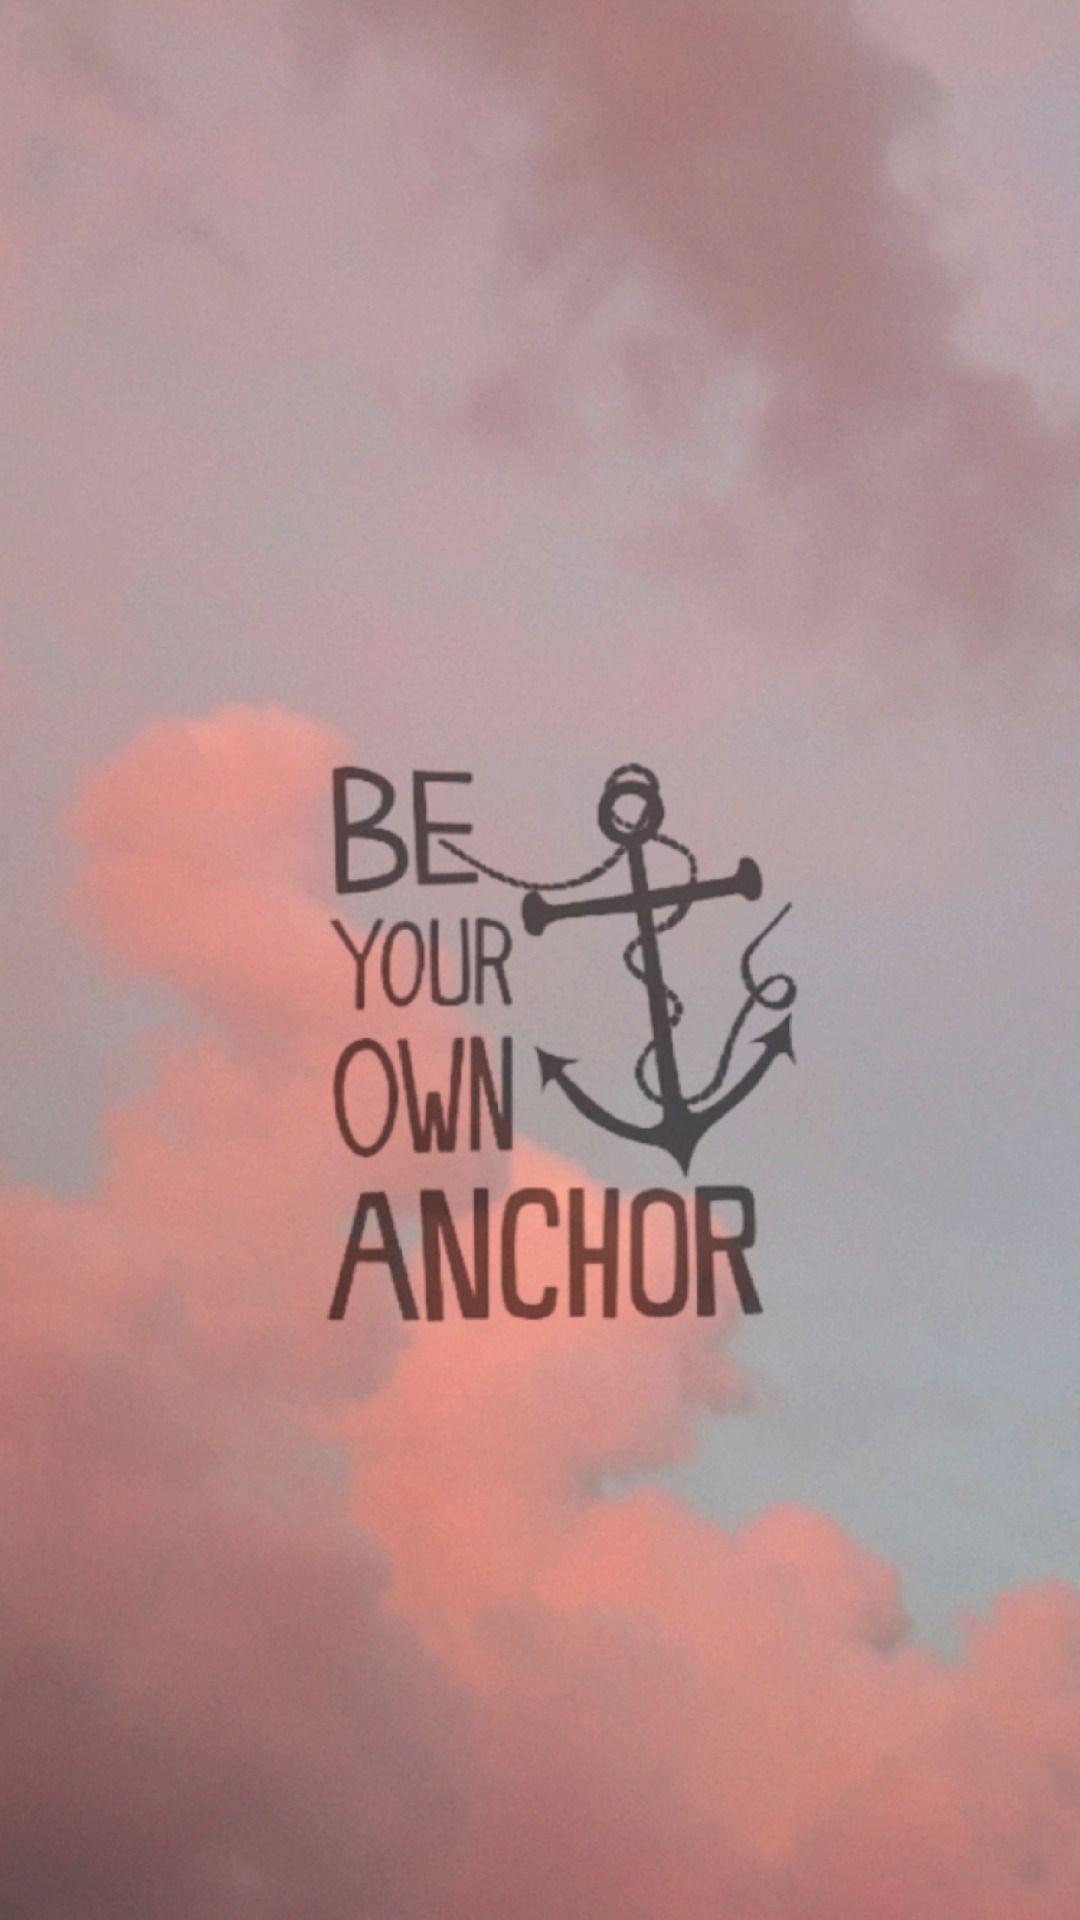 Seja você seu próprio porto seguro Wallpaper Pinterest